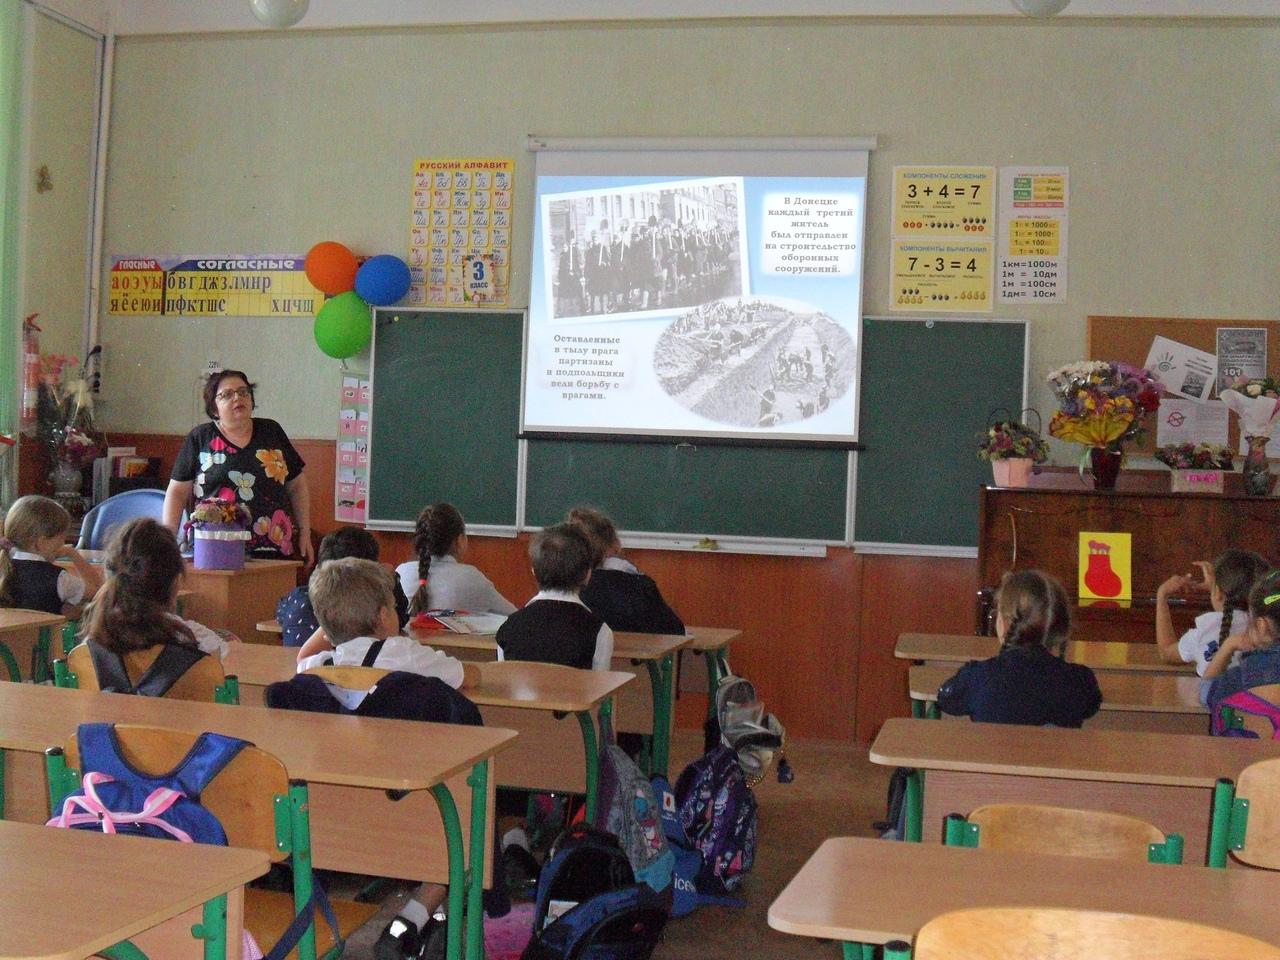 Донецкая республиканская библиотека для детей, занятия с детьми, в библиотеке интересно, отдел искусств, патриотическое воспитание детей